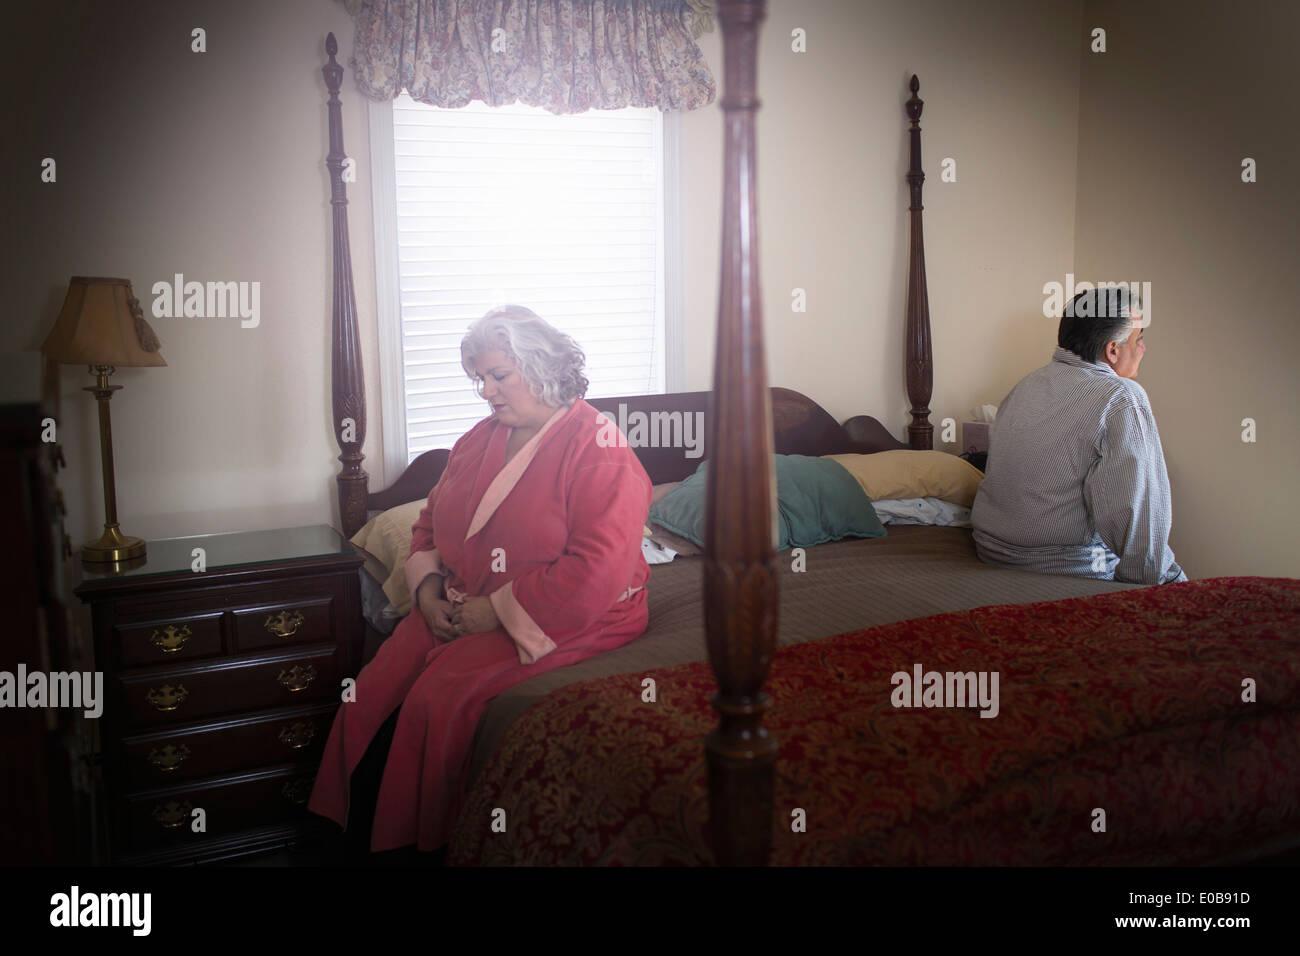 Pareja sentados en lados opuestos de la cama Foto de stock